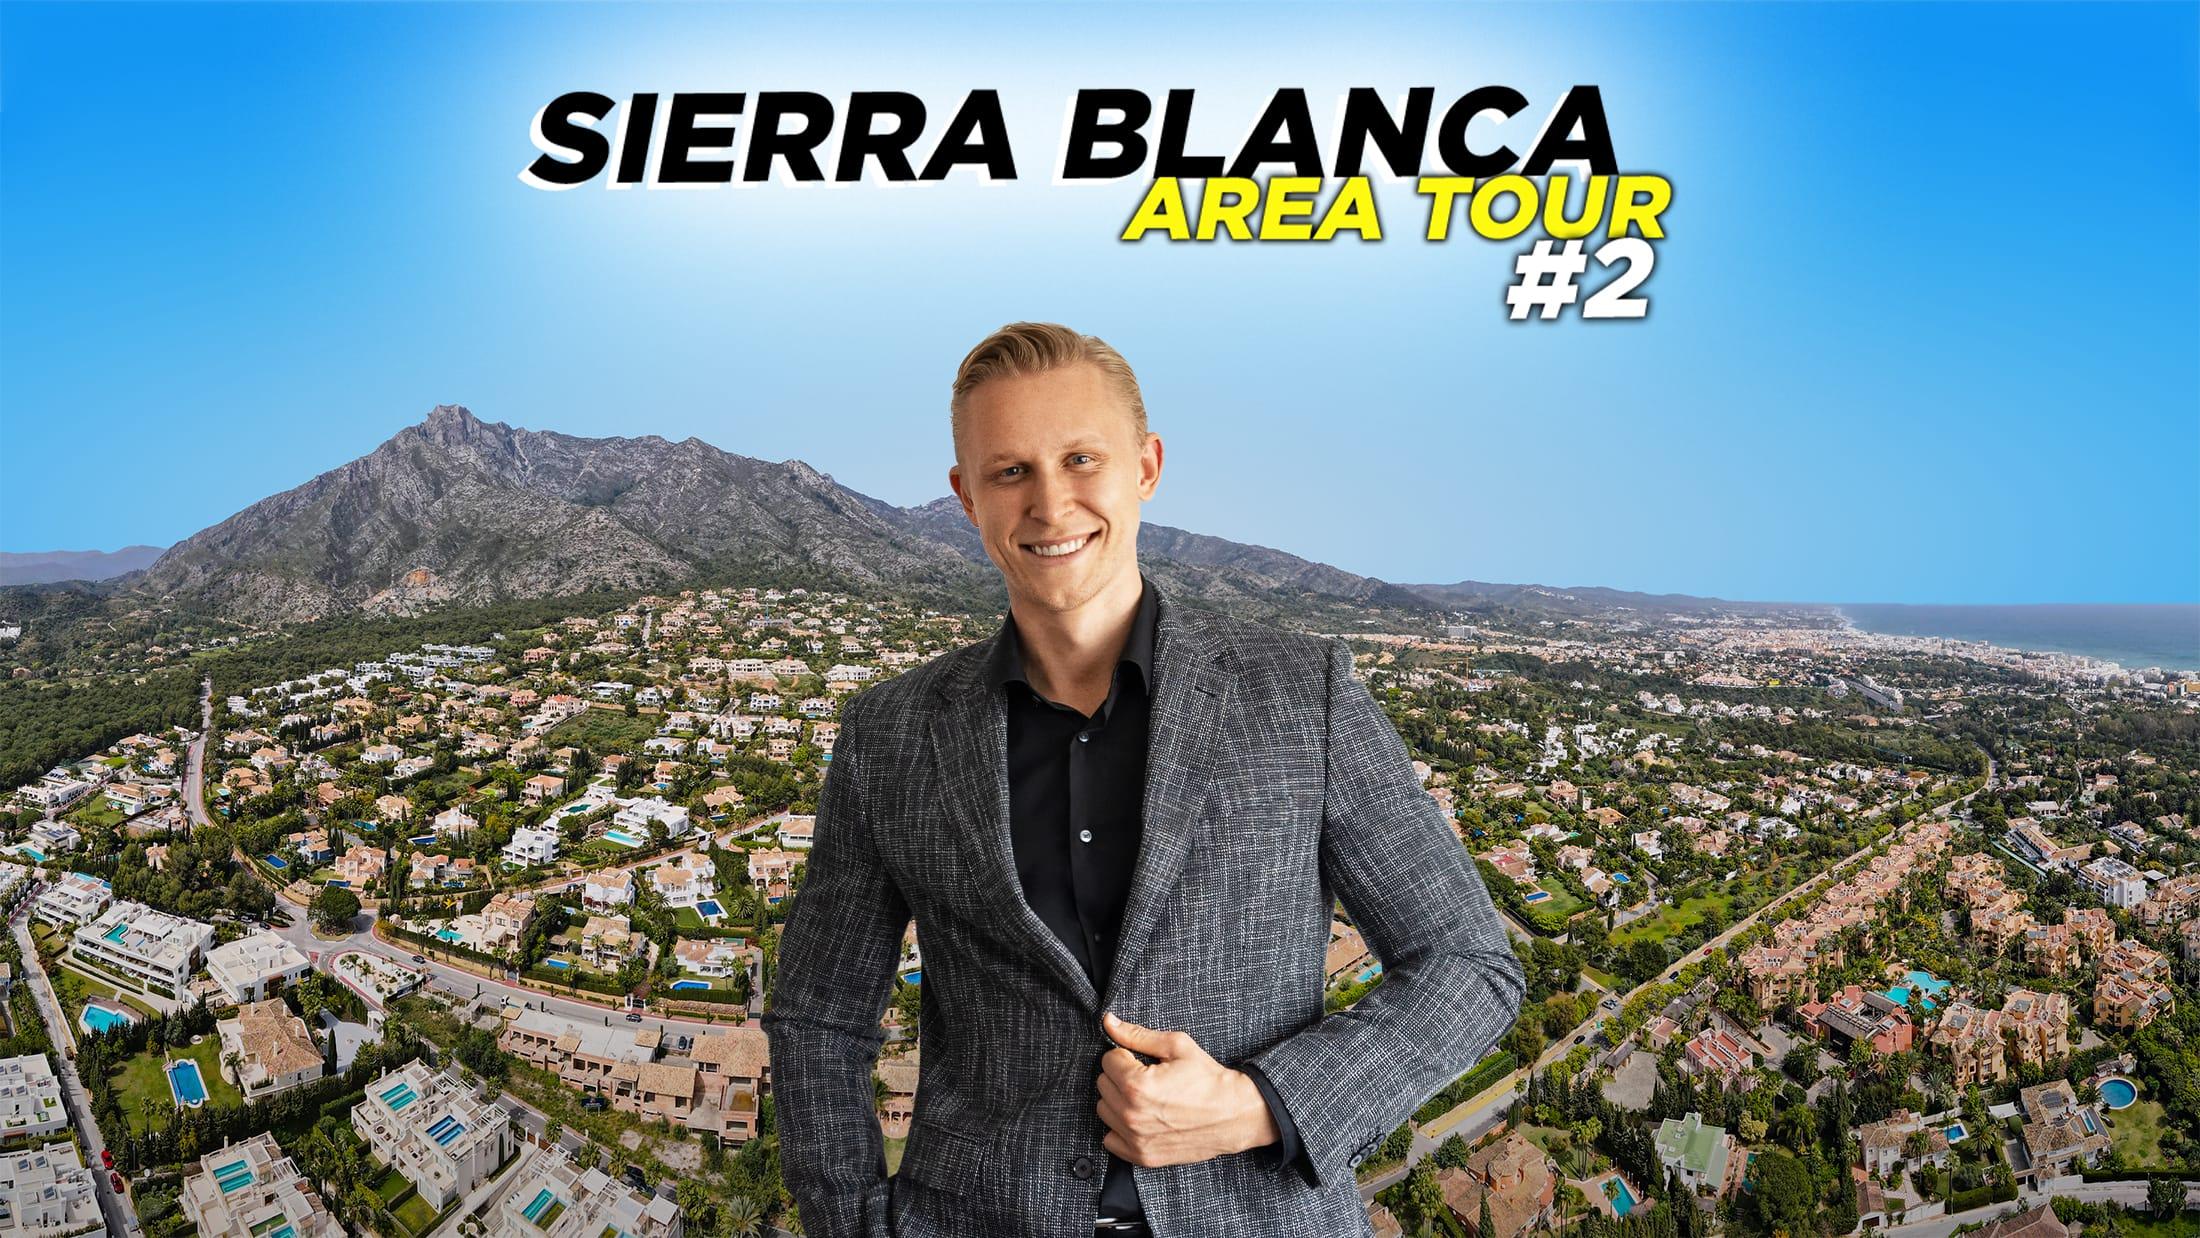 Sierra Blanca Area tour